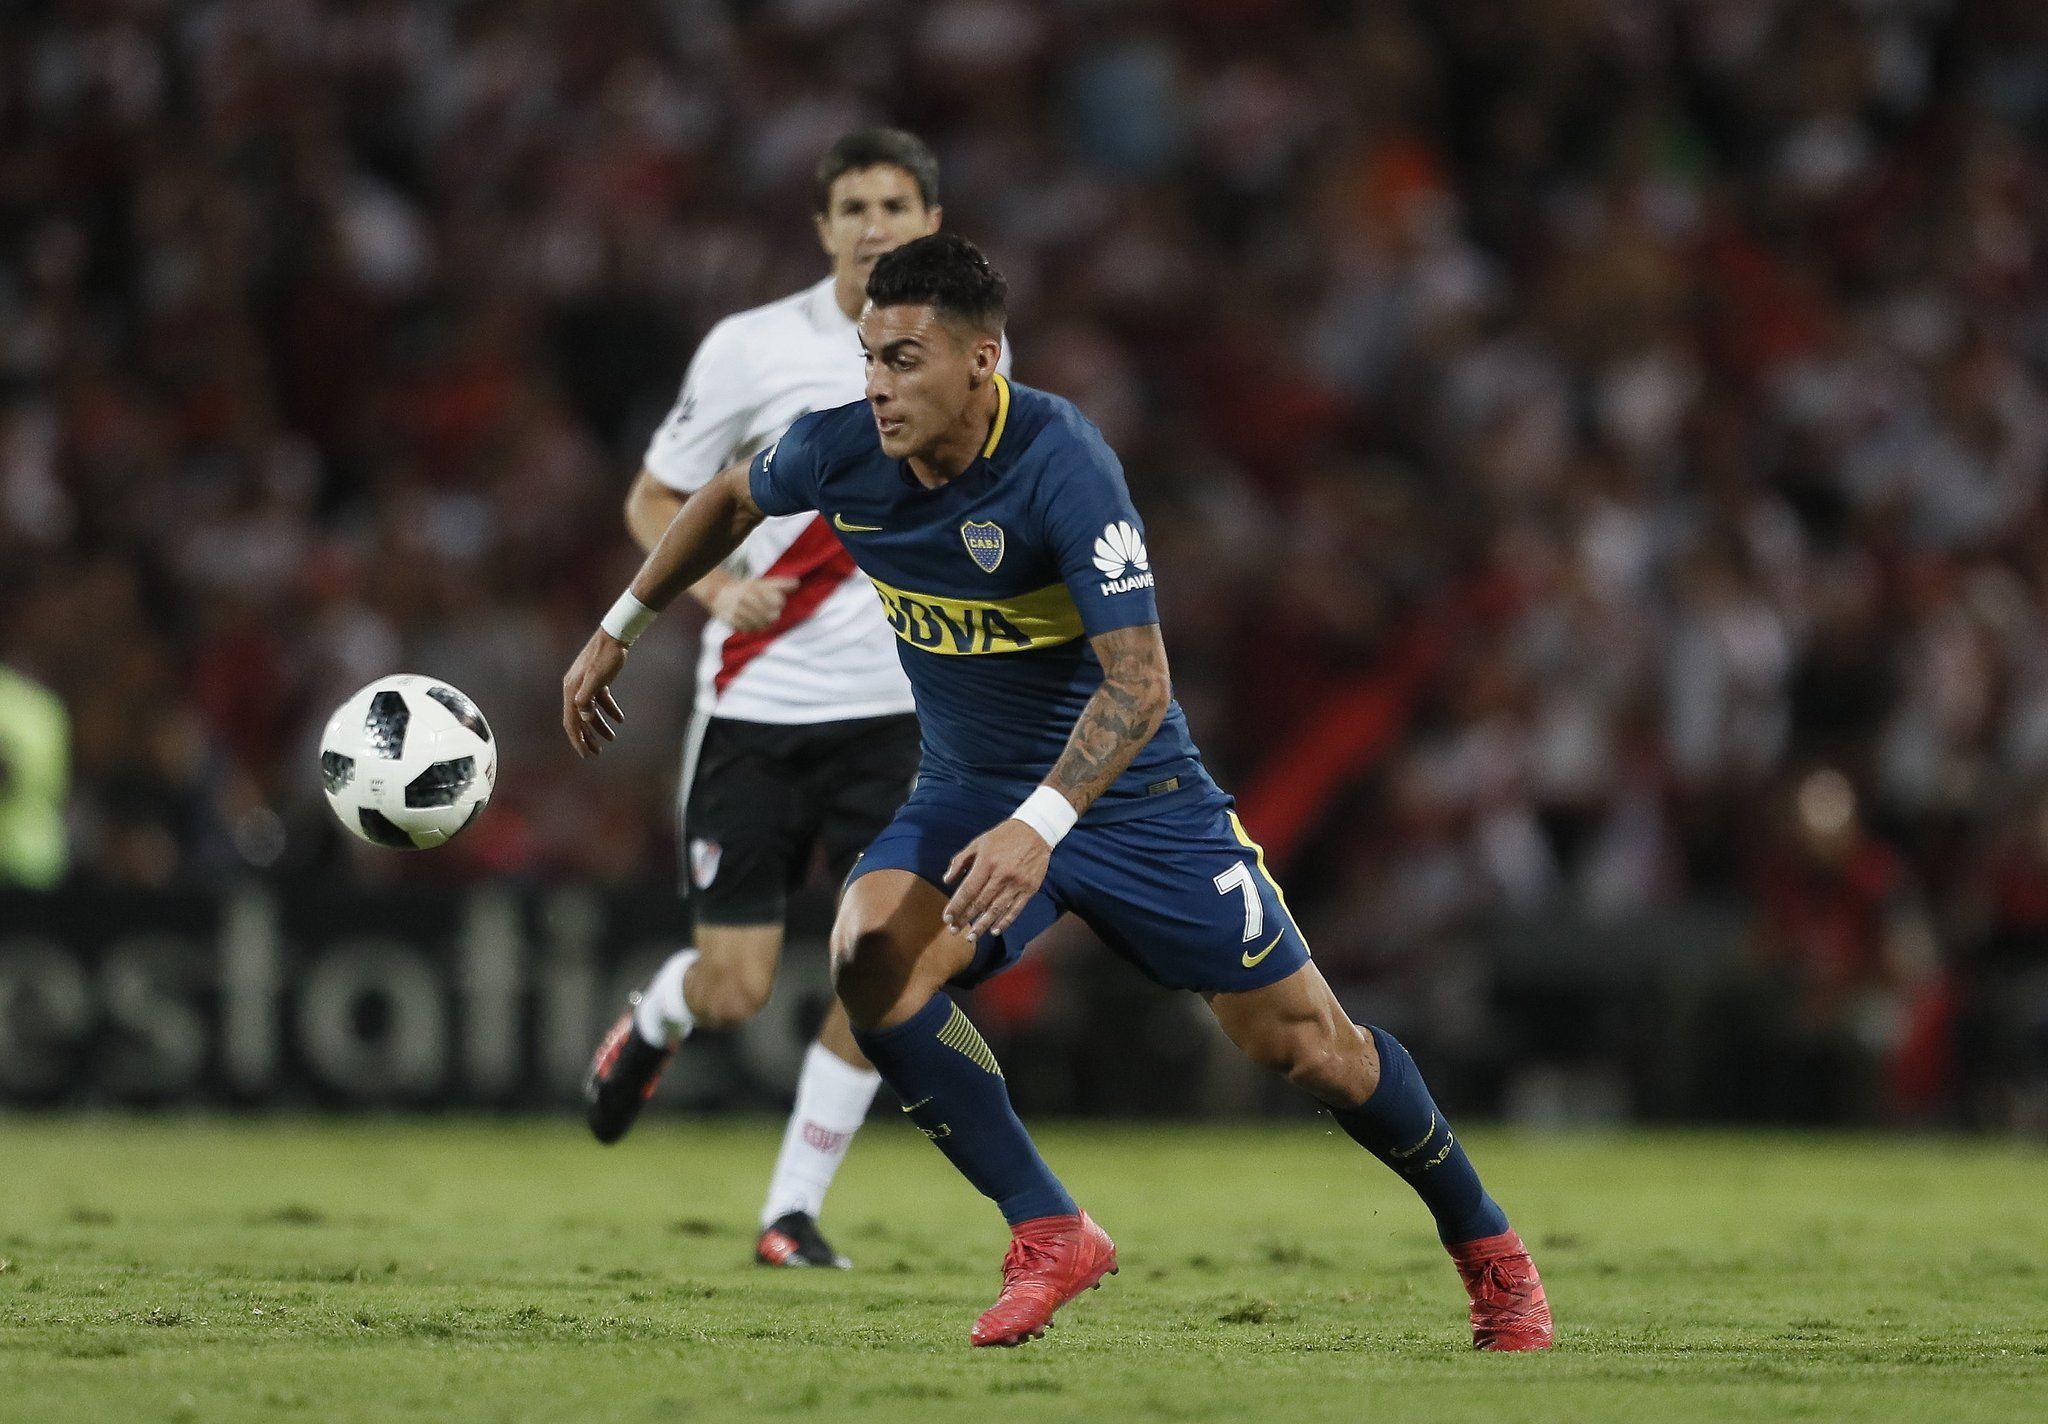 River y Boca en el Superclásico de la Supercopa - Crédito: @BocaJrsOficial